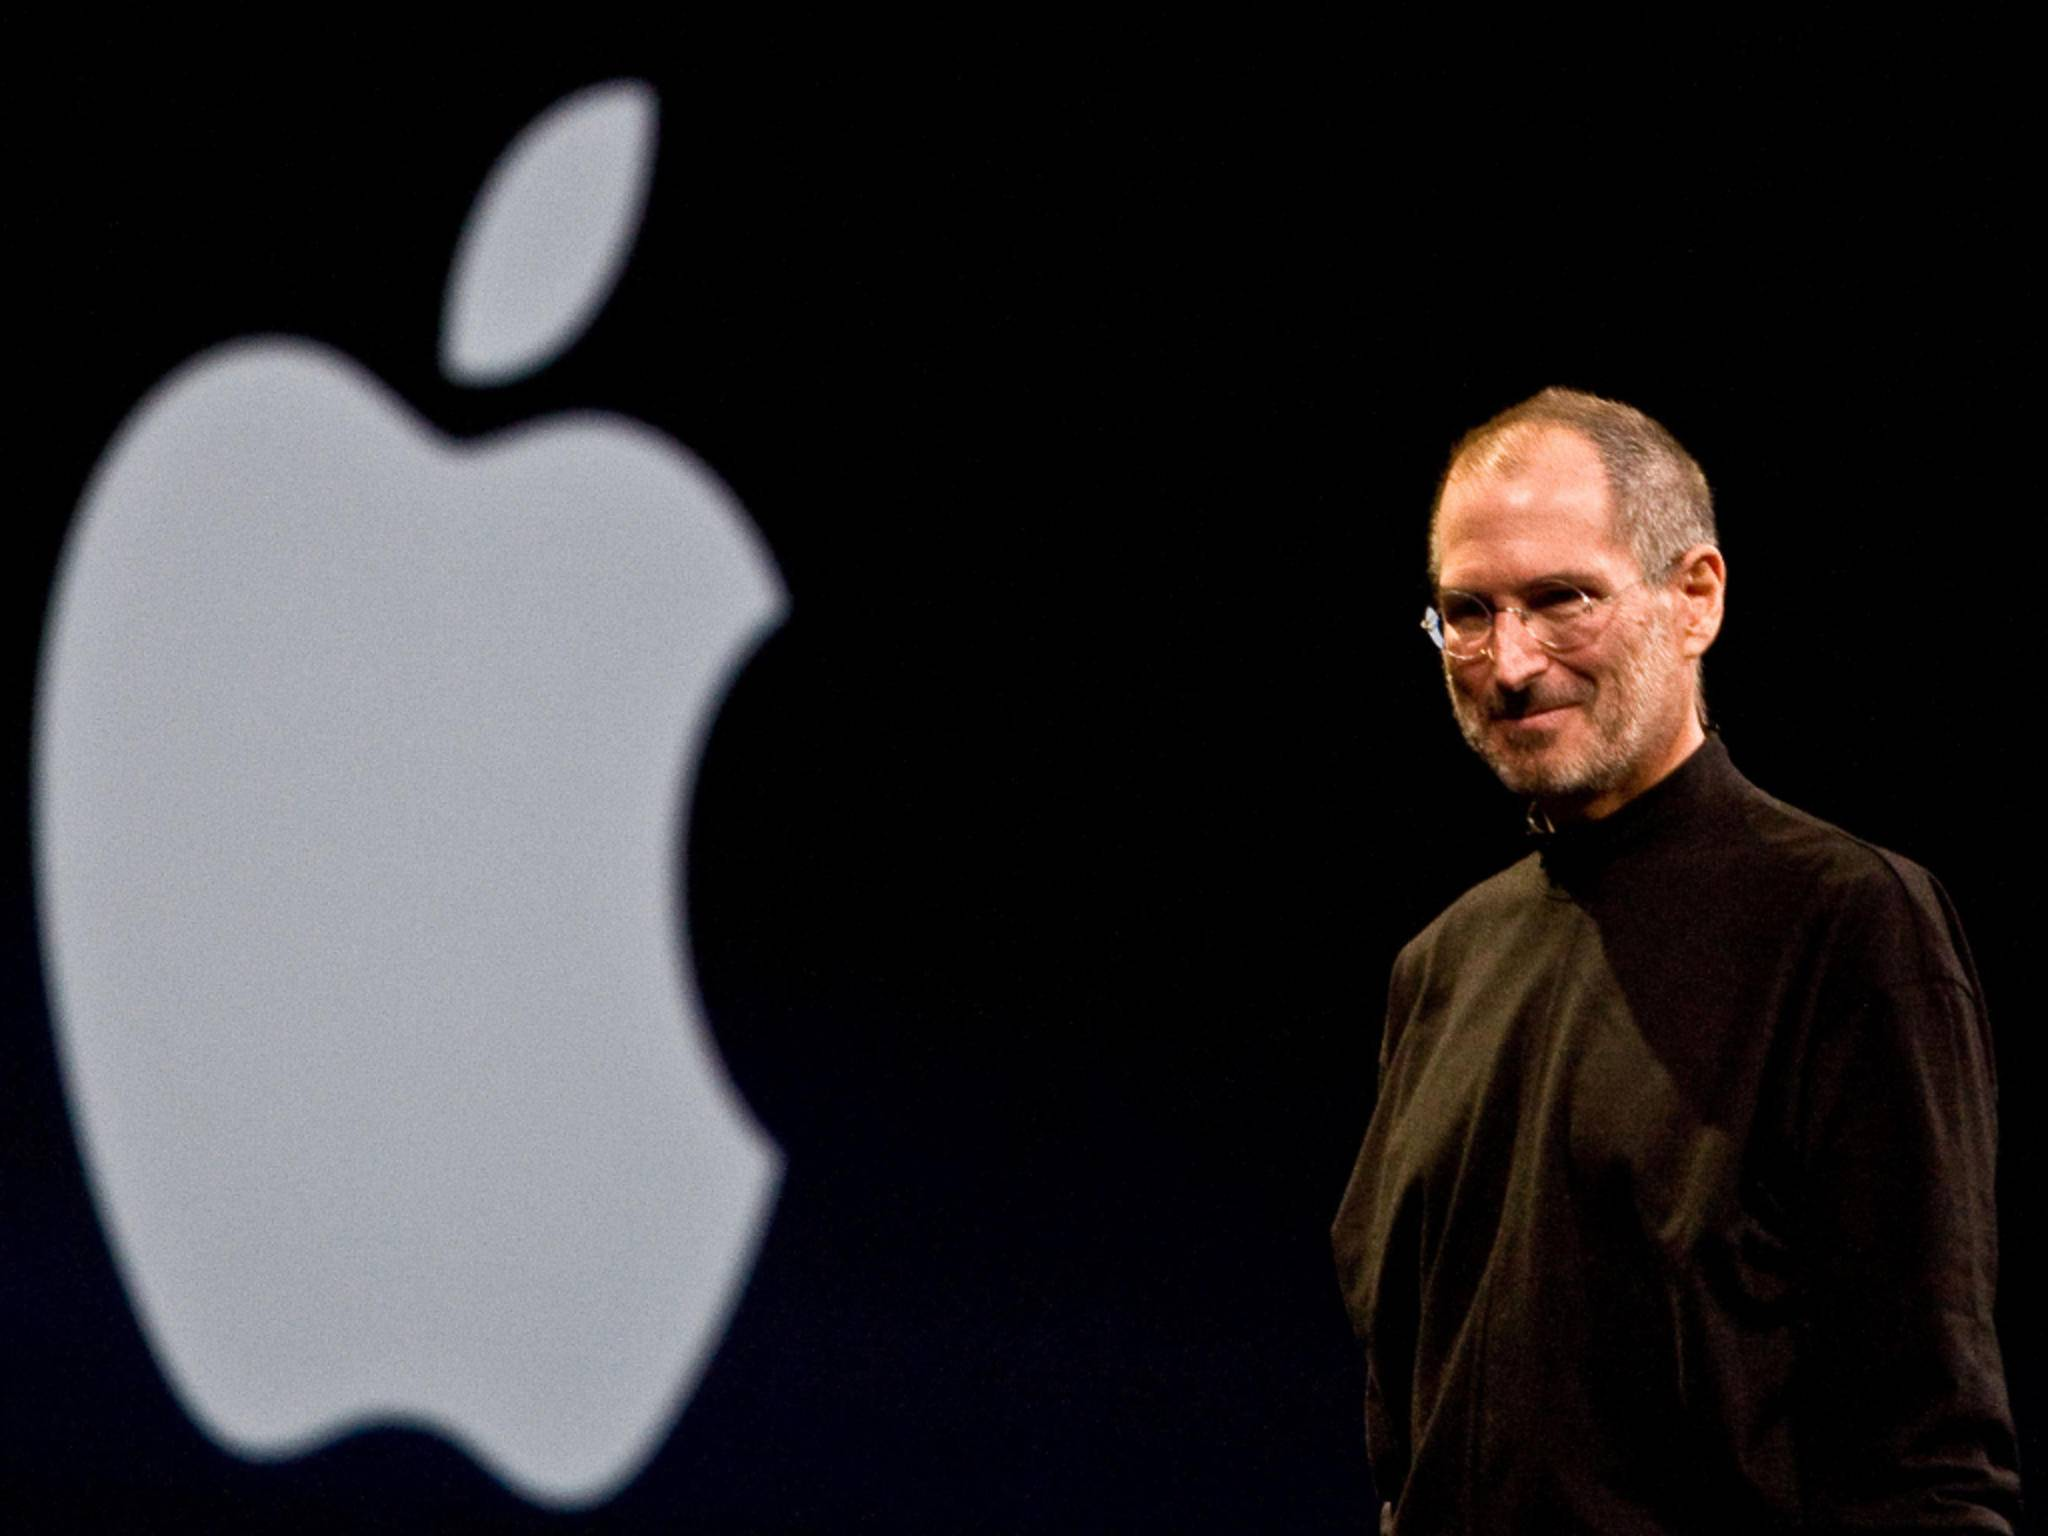 Steve Jobs außerst sich in neuem Gerichtsvideo zu schweren Vorwürfen